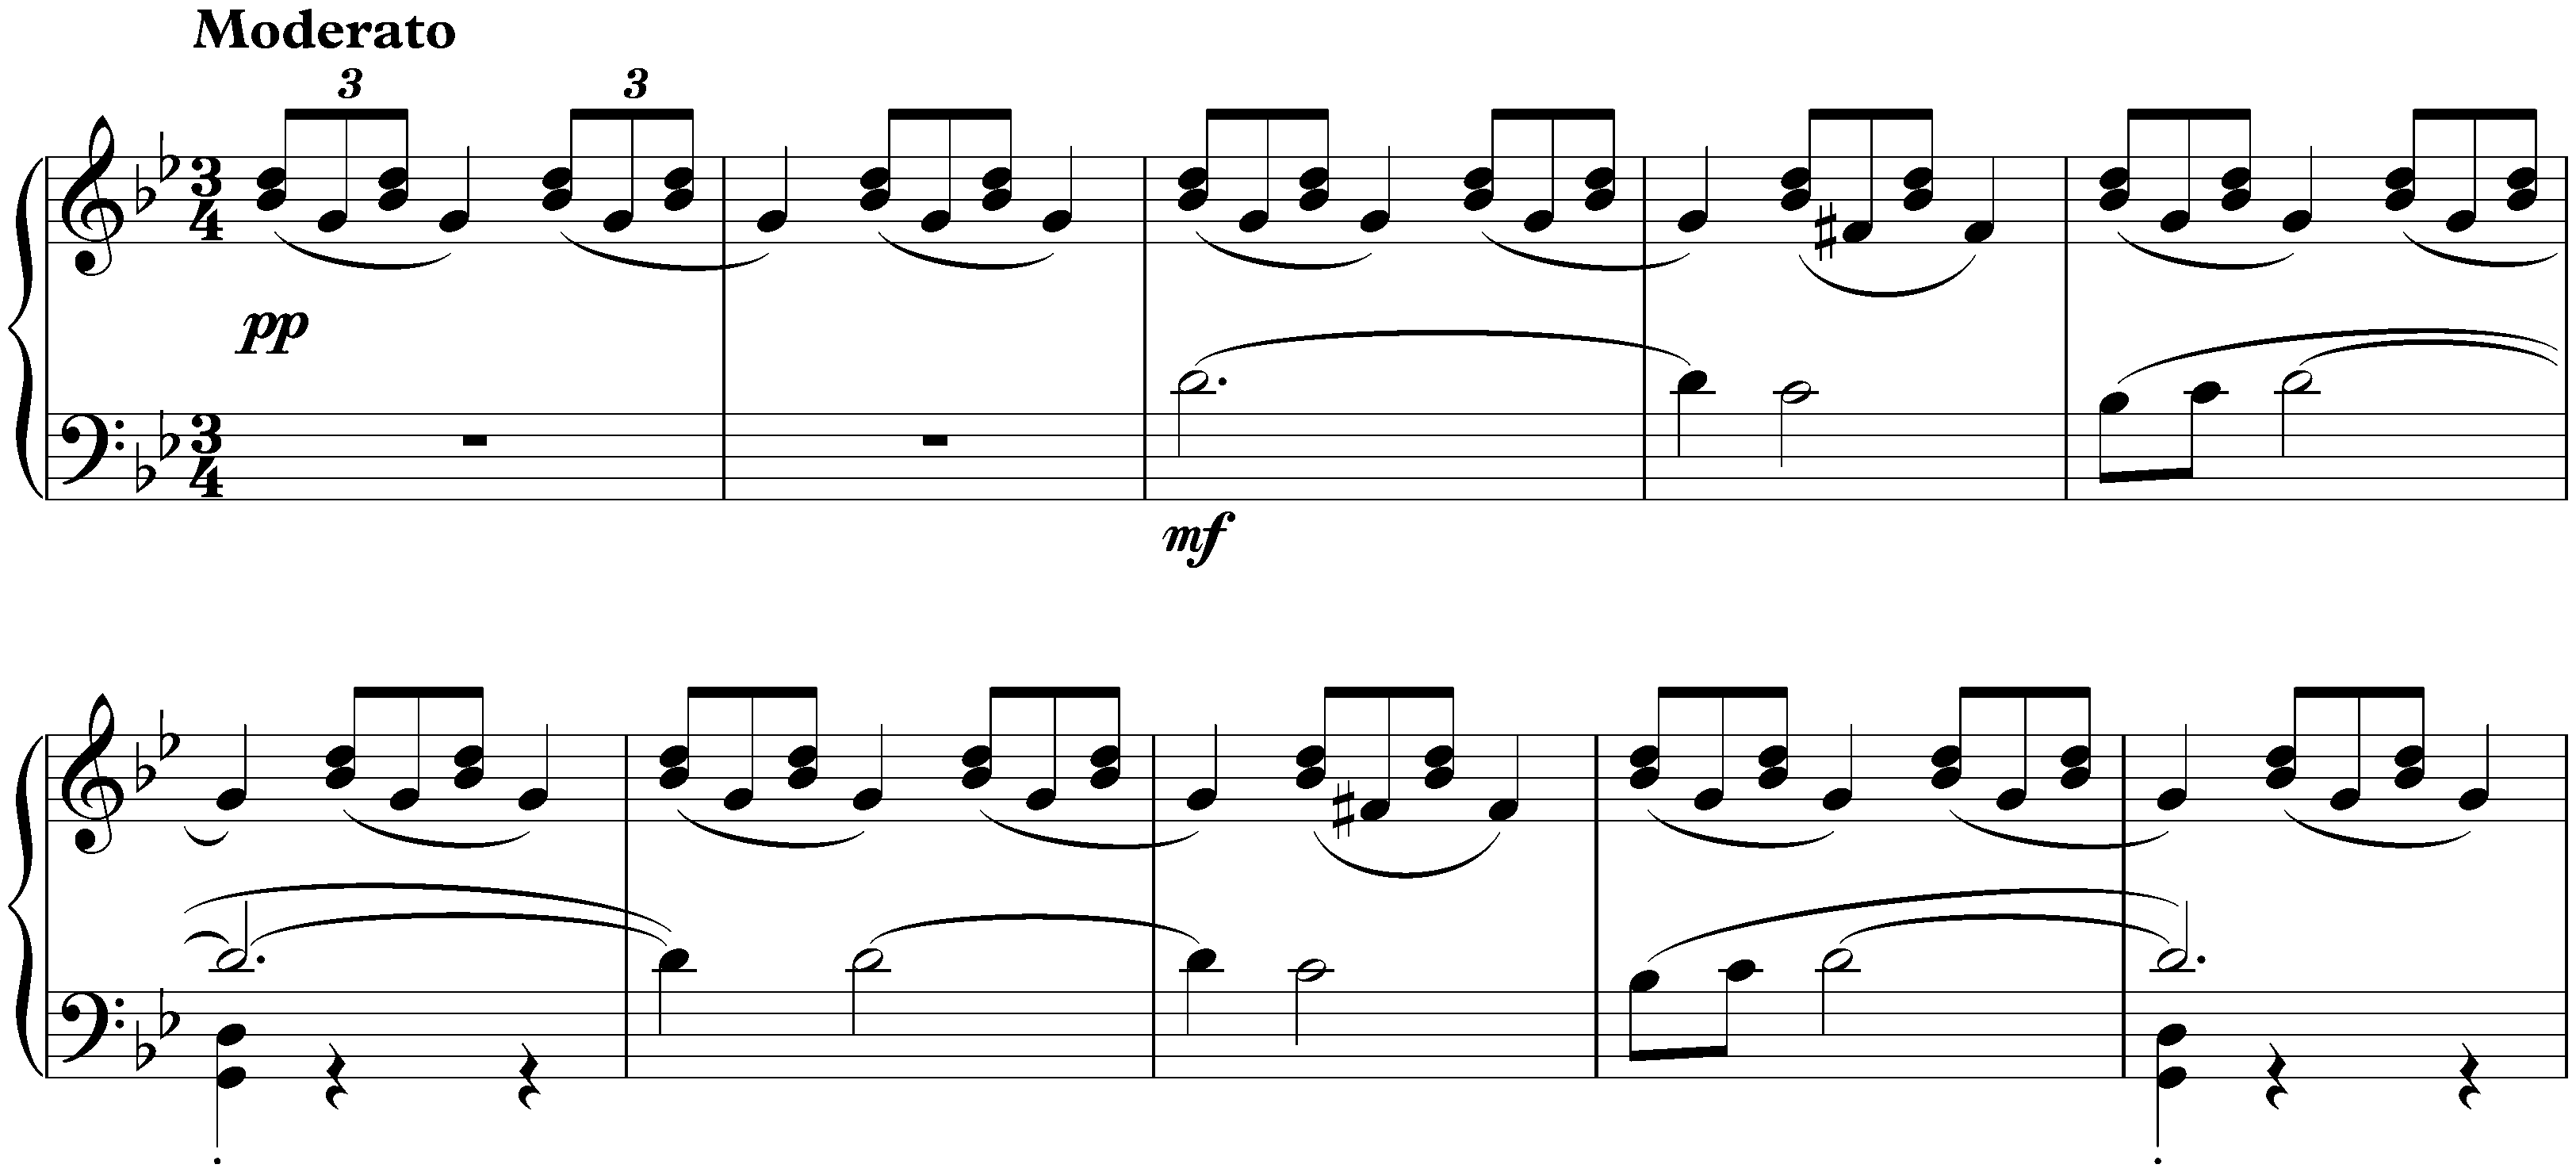 Barcarolle Wikipedia >> Morceaux De Salon Op 10 Sergei Rachmaninoff